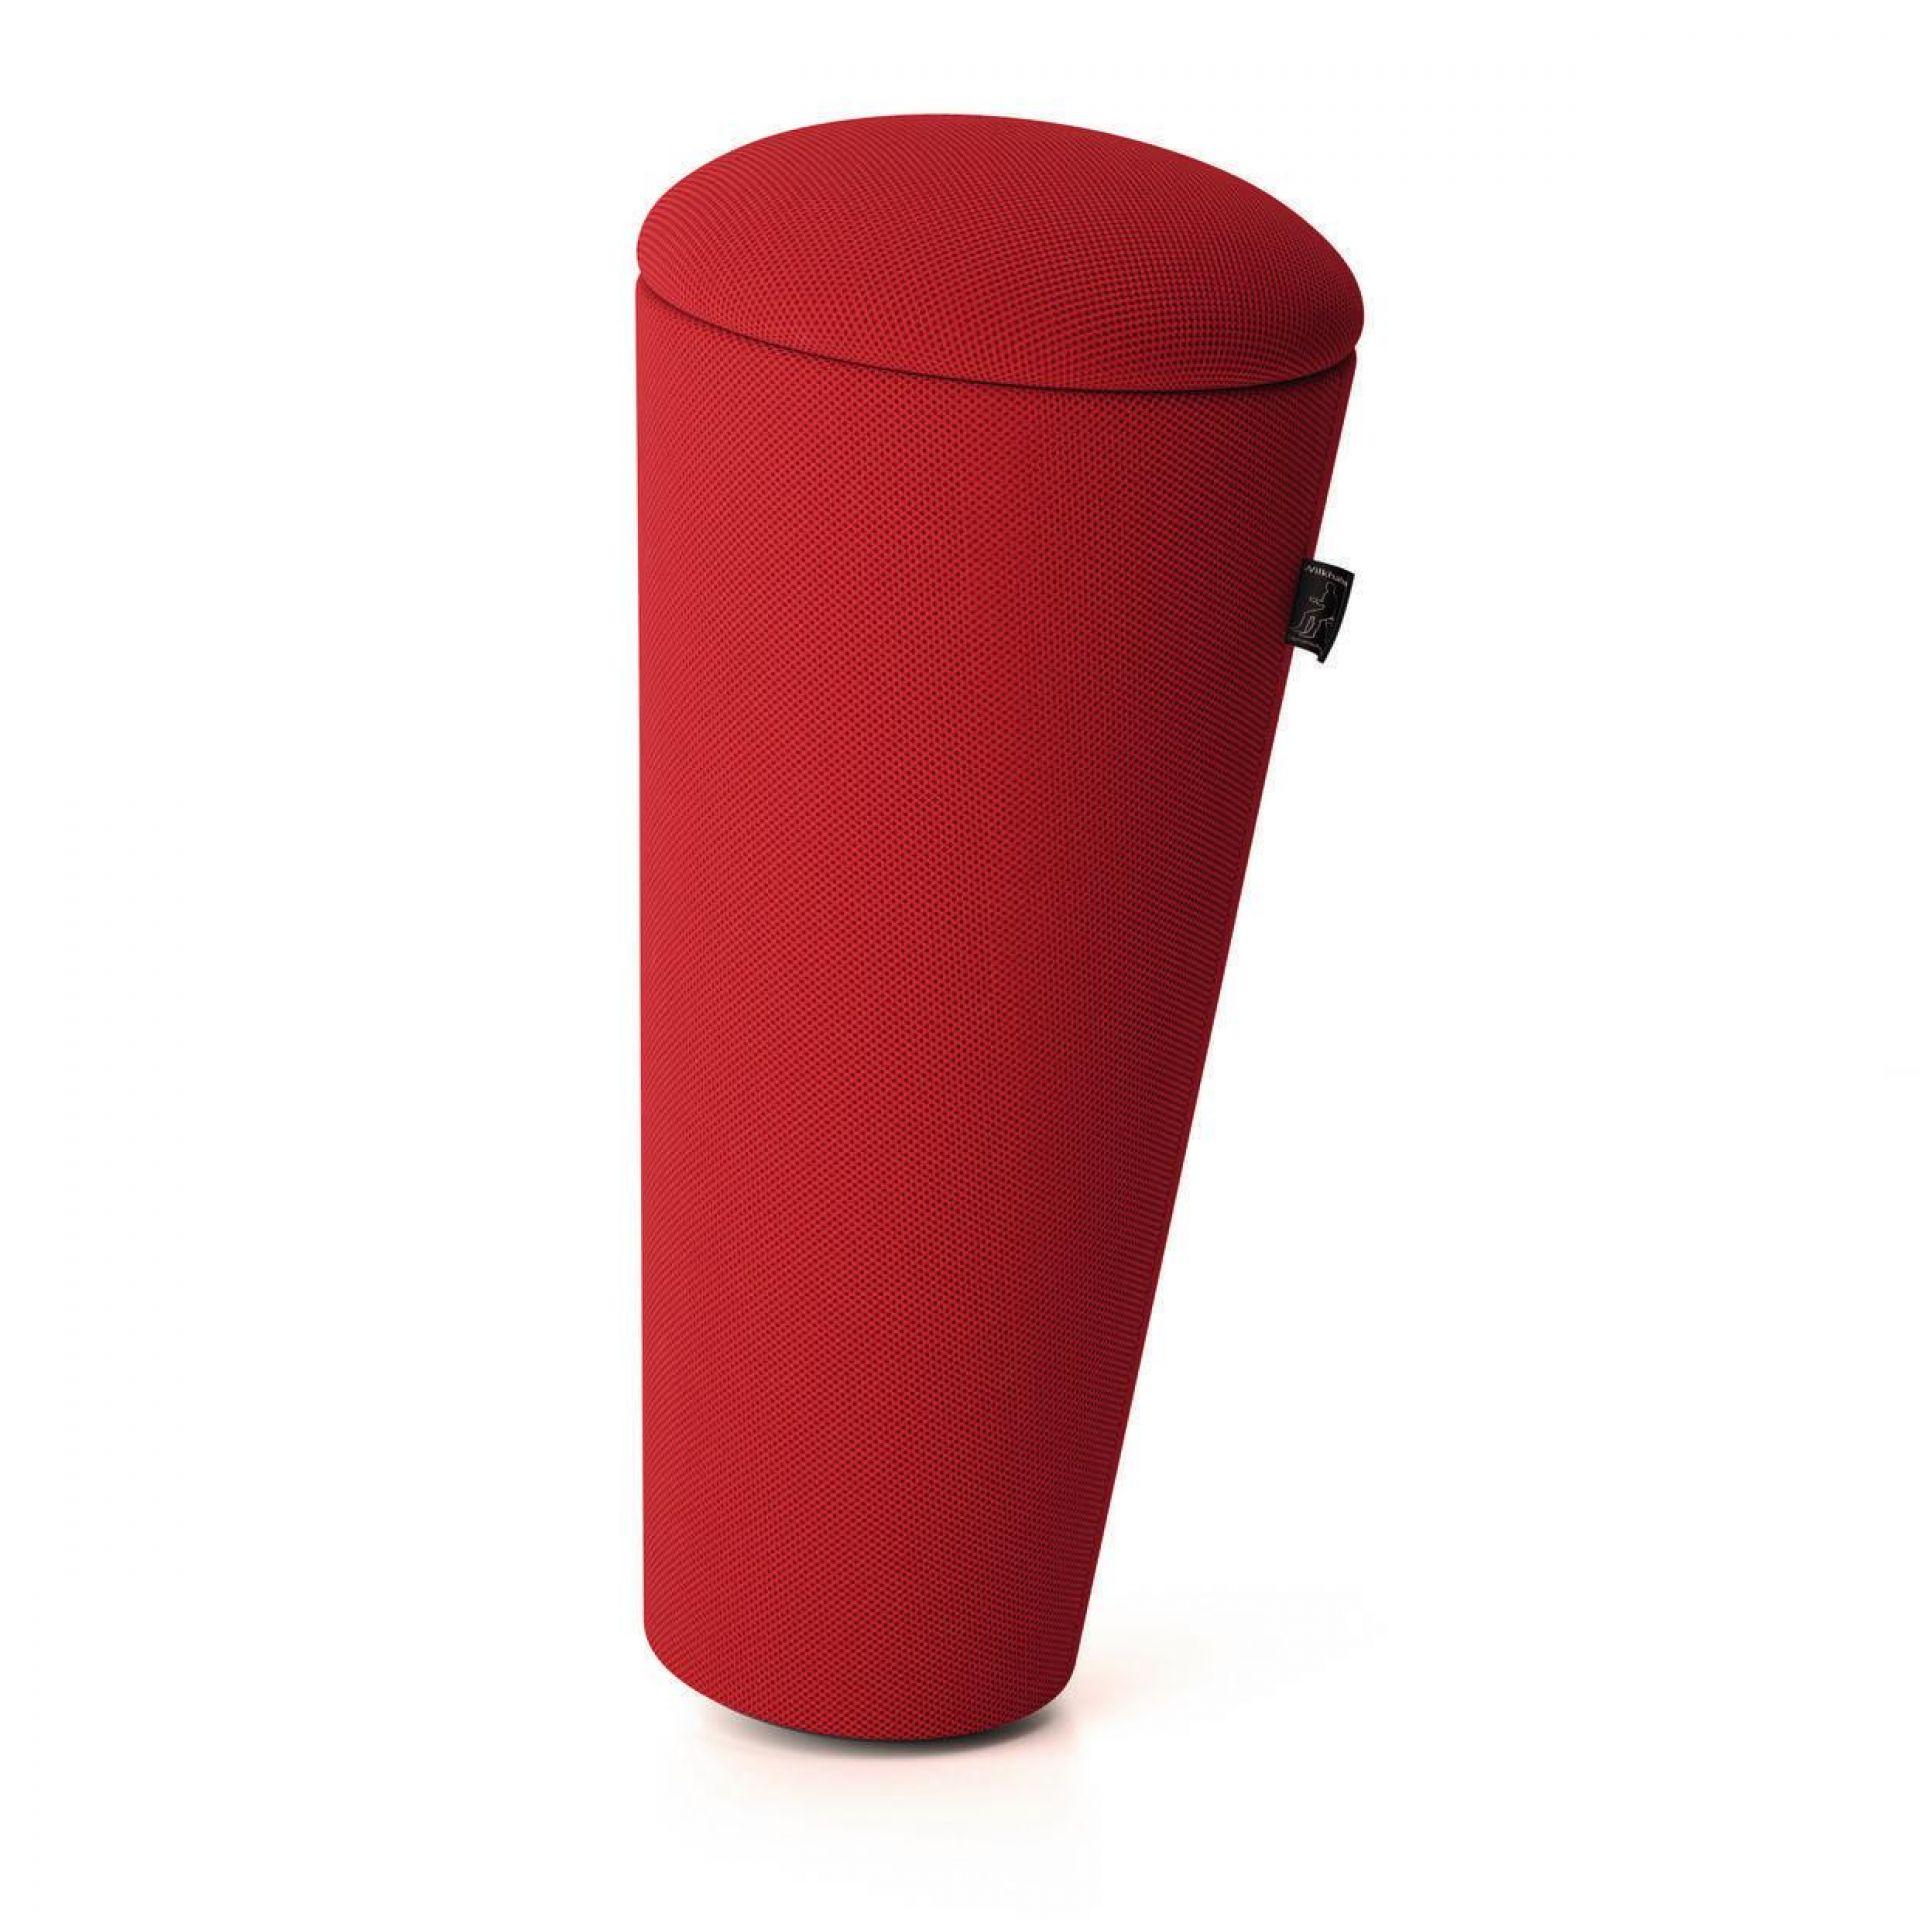 Stand-Up Sitzhocker Wilkhahn Rot